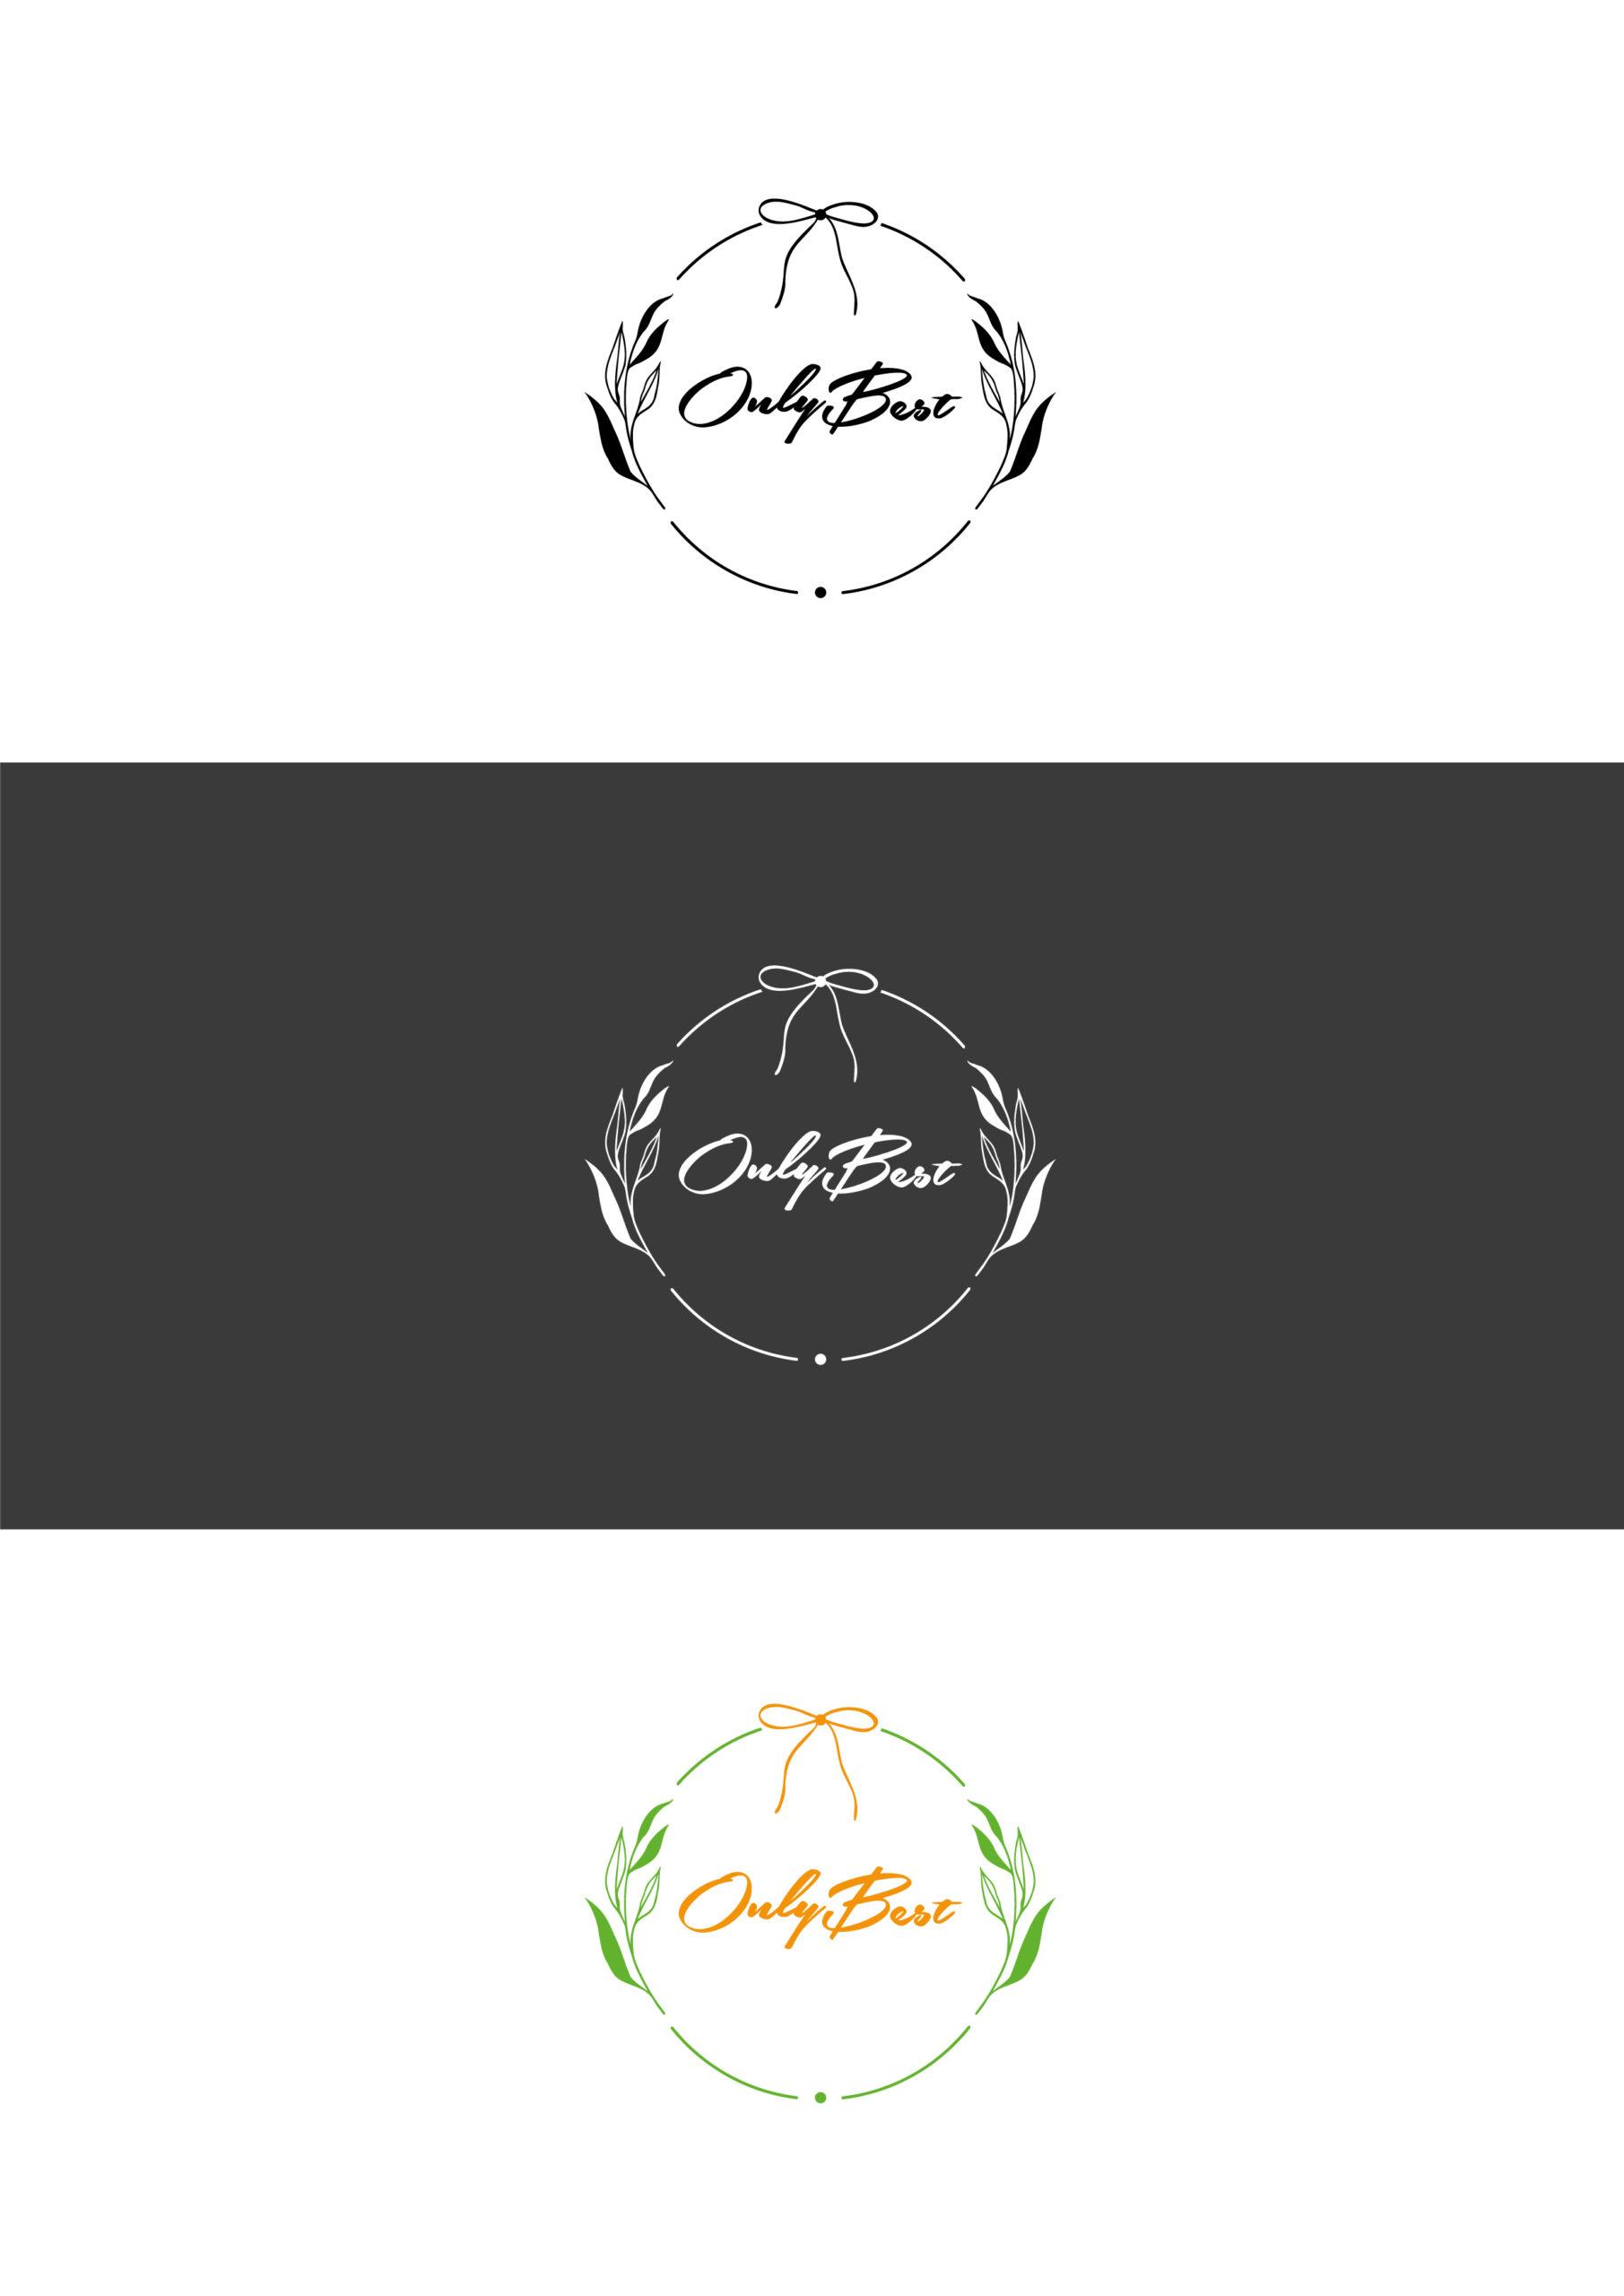 цветочный логотип для компании